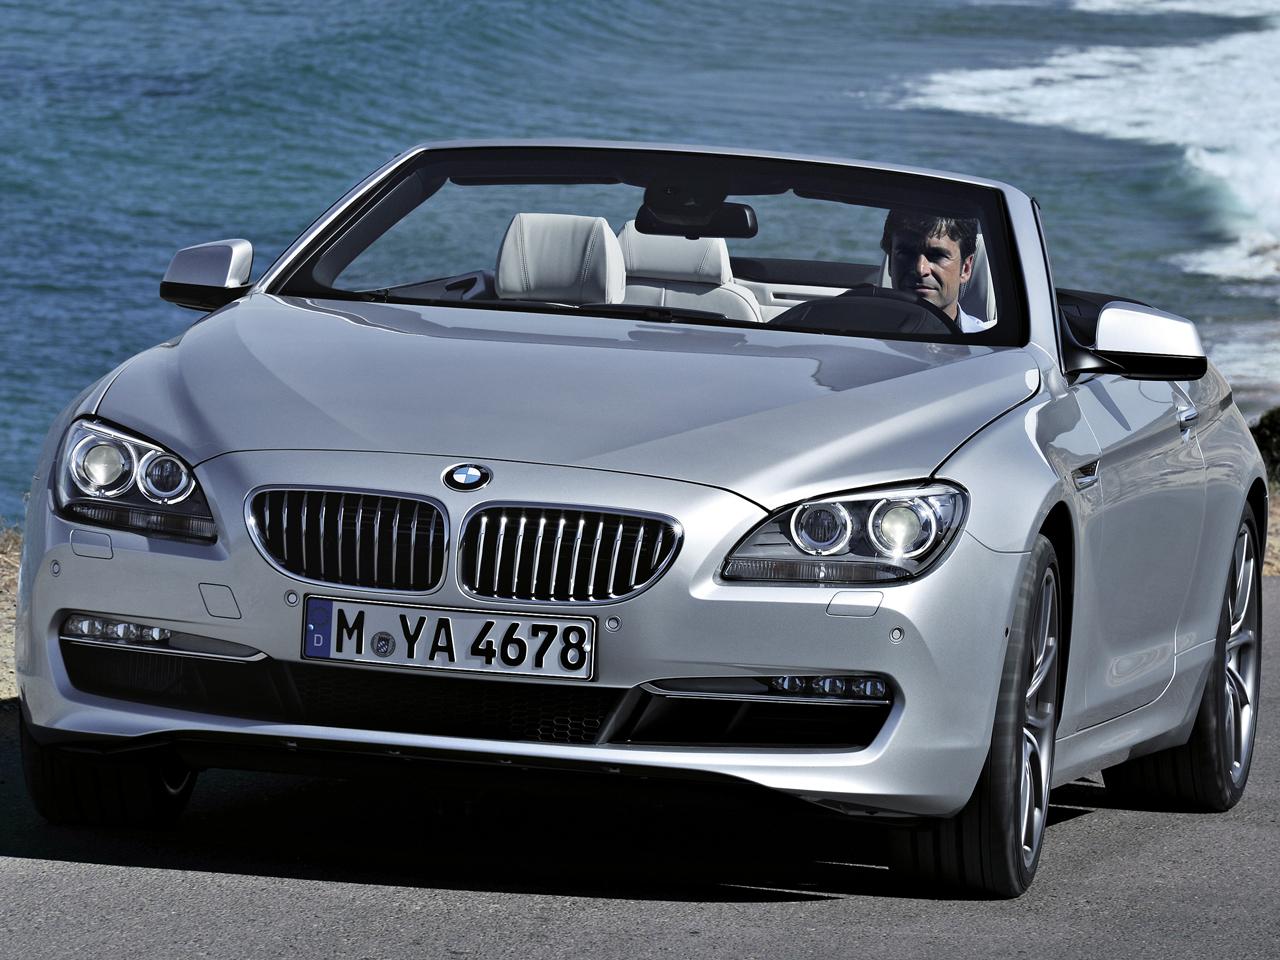 BMW 6シリーズ カブリオレ 2011年モデル 新車画像